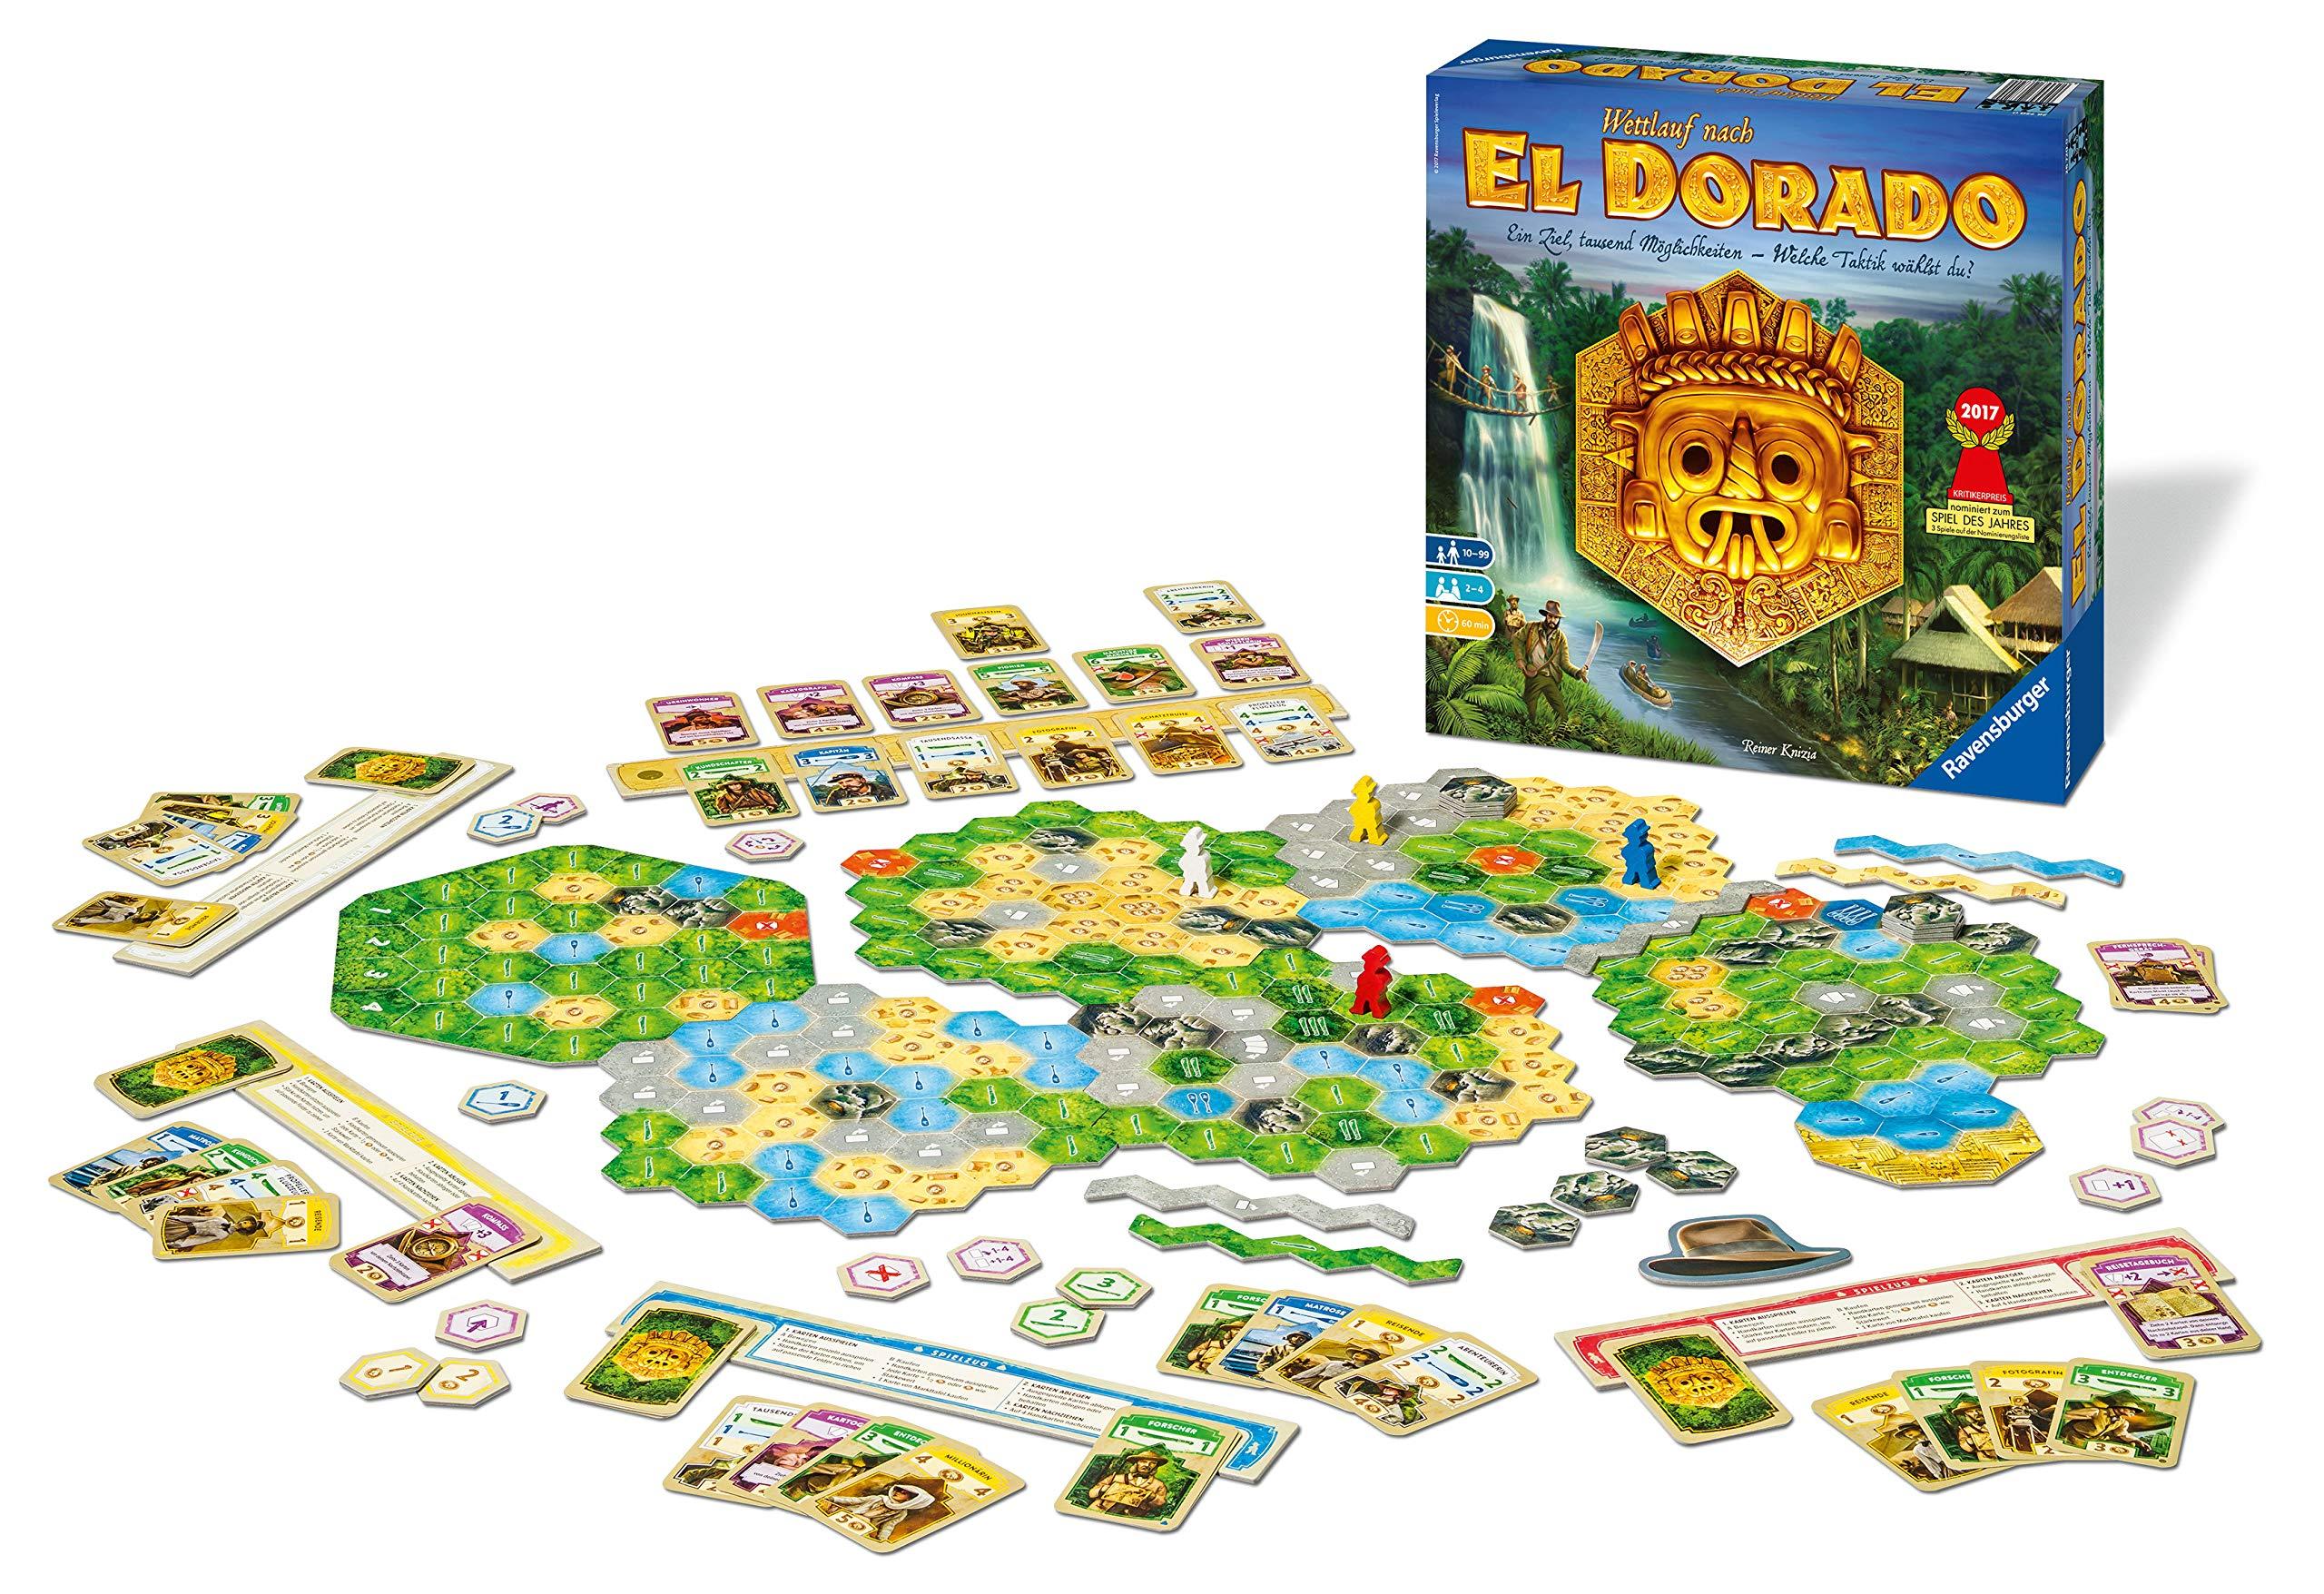 Wettlauf nach El Dorado: Ein Ziel, tausend Möglichkeiten - Welche Taktik wählst du?: Amazon.es: Knizia, Reiner: Libros en idiomas extranjeros